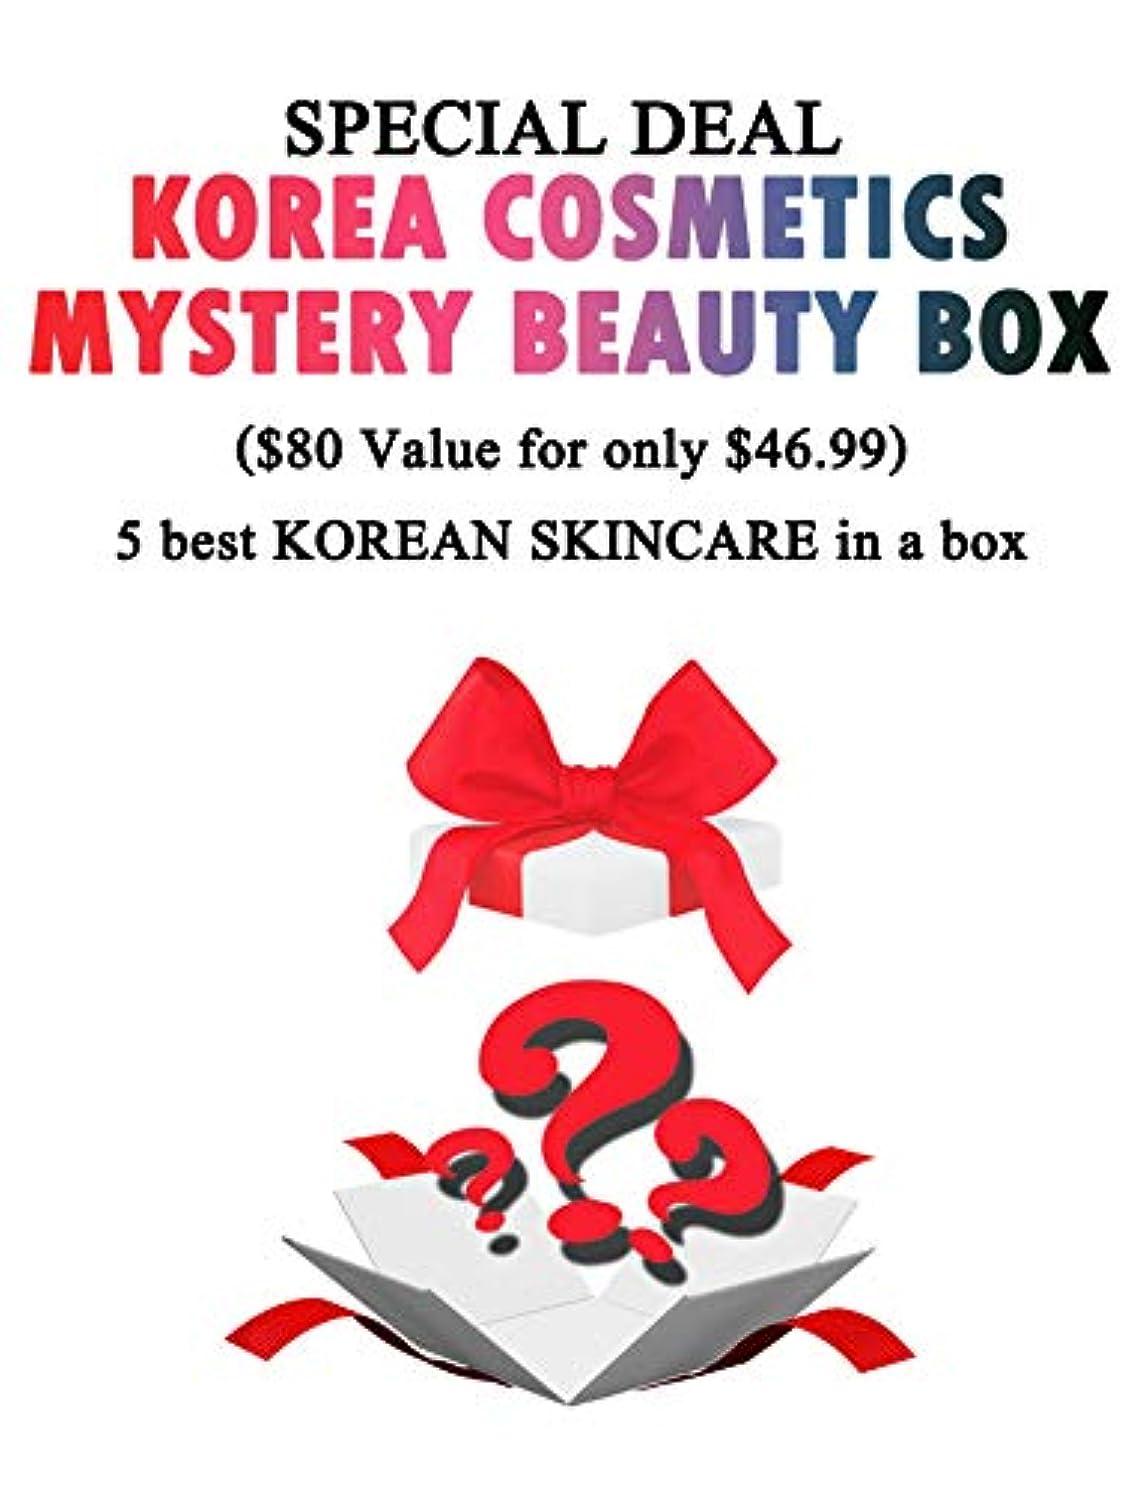 絶壁区別破産Mystery Beauty Box ミステリービューティーボックス 5 Best Korean Skincare Products in a Box 韓国コスメ スキンケア 5EA Surprise Gift box